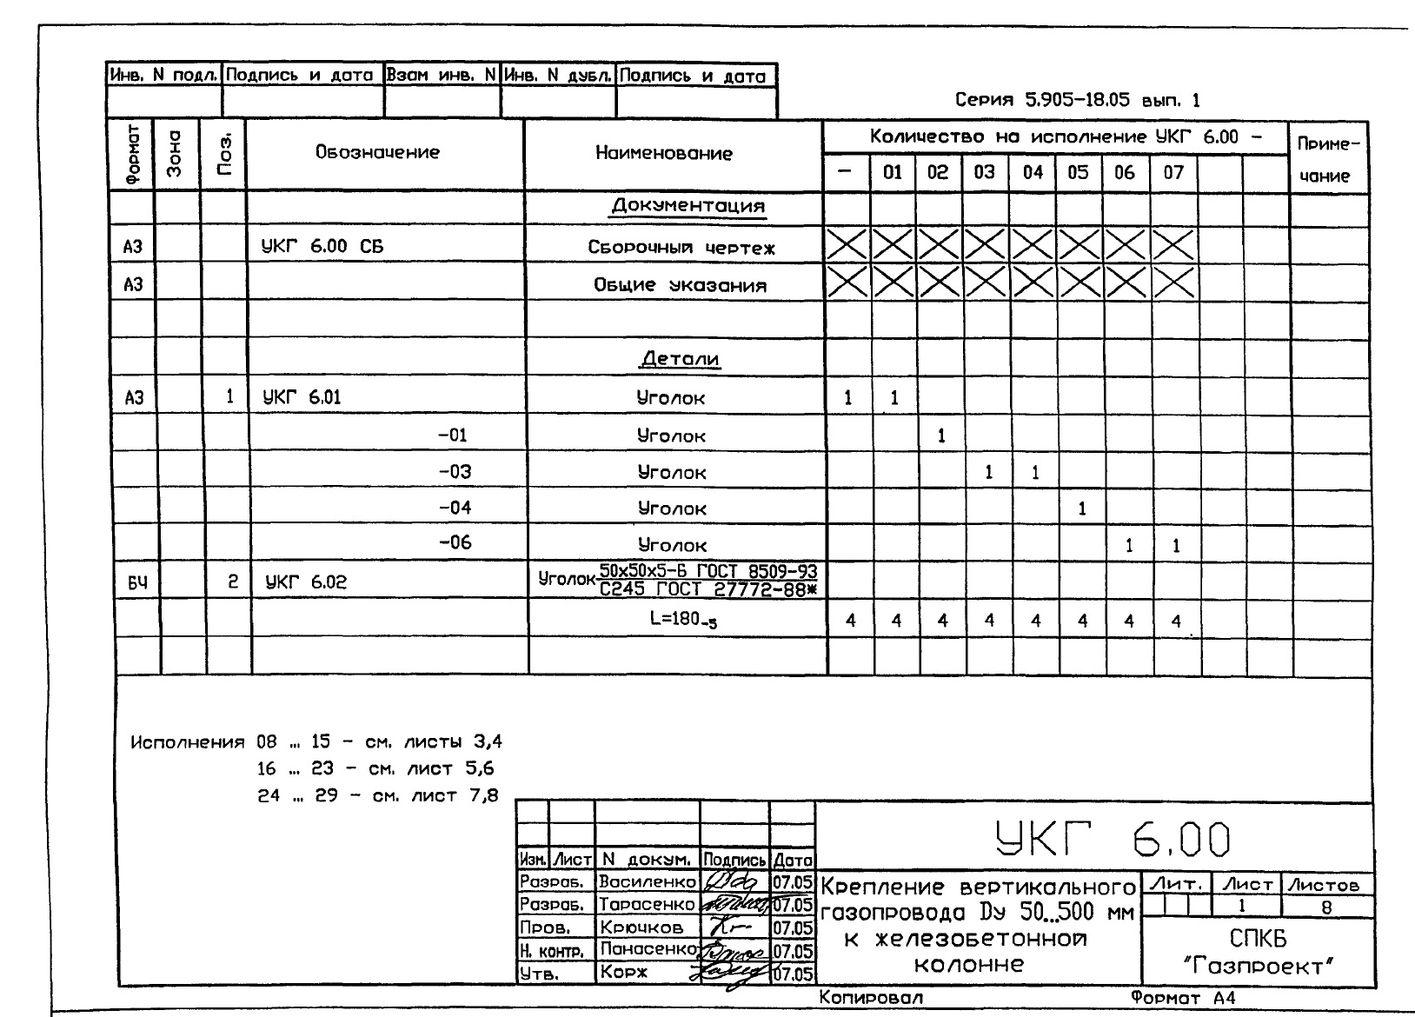 Крепление вертикального газопровода Ду 50...500 мм к железобетонной колонне УКГ 6.00 СБ серия 5.905-18.05 выпуск 1 стр.2